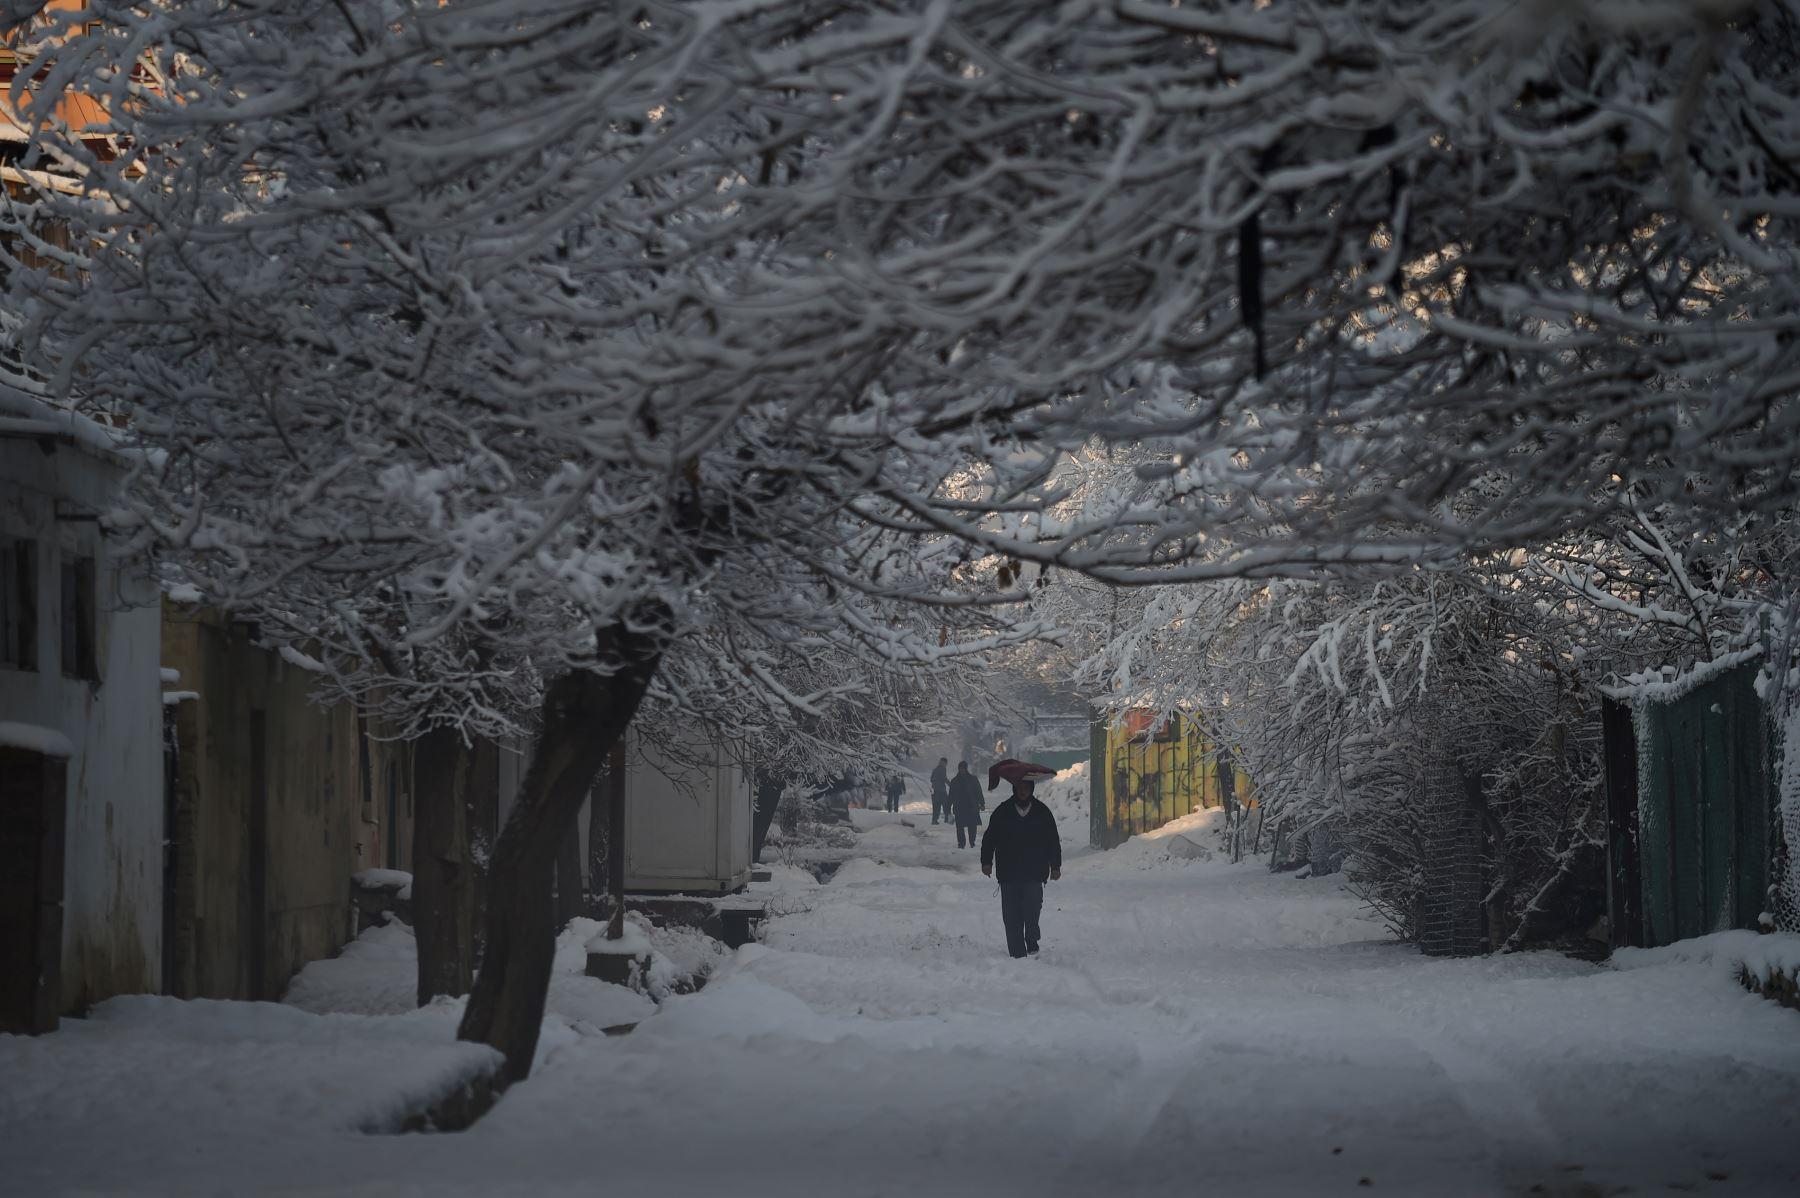 Un hombre afgano lleva una cesta de pan en la cabeza después de una nevada en Kabul . AFP